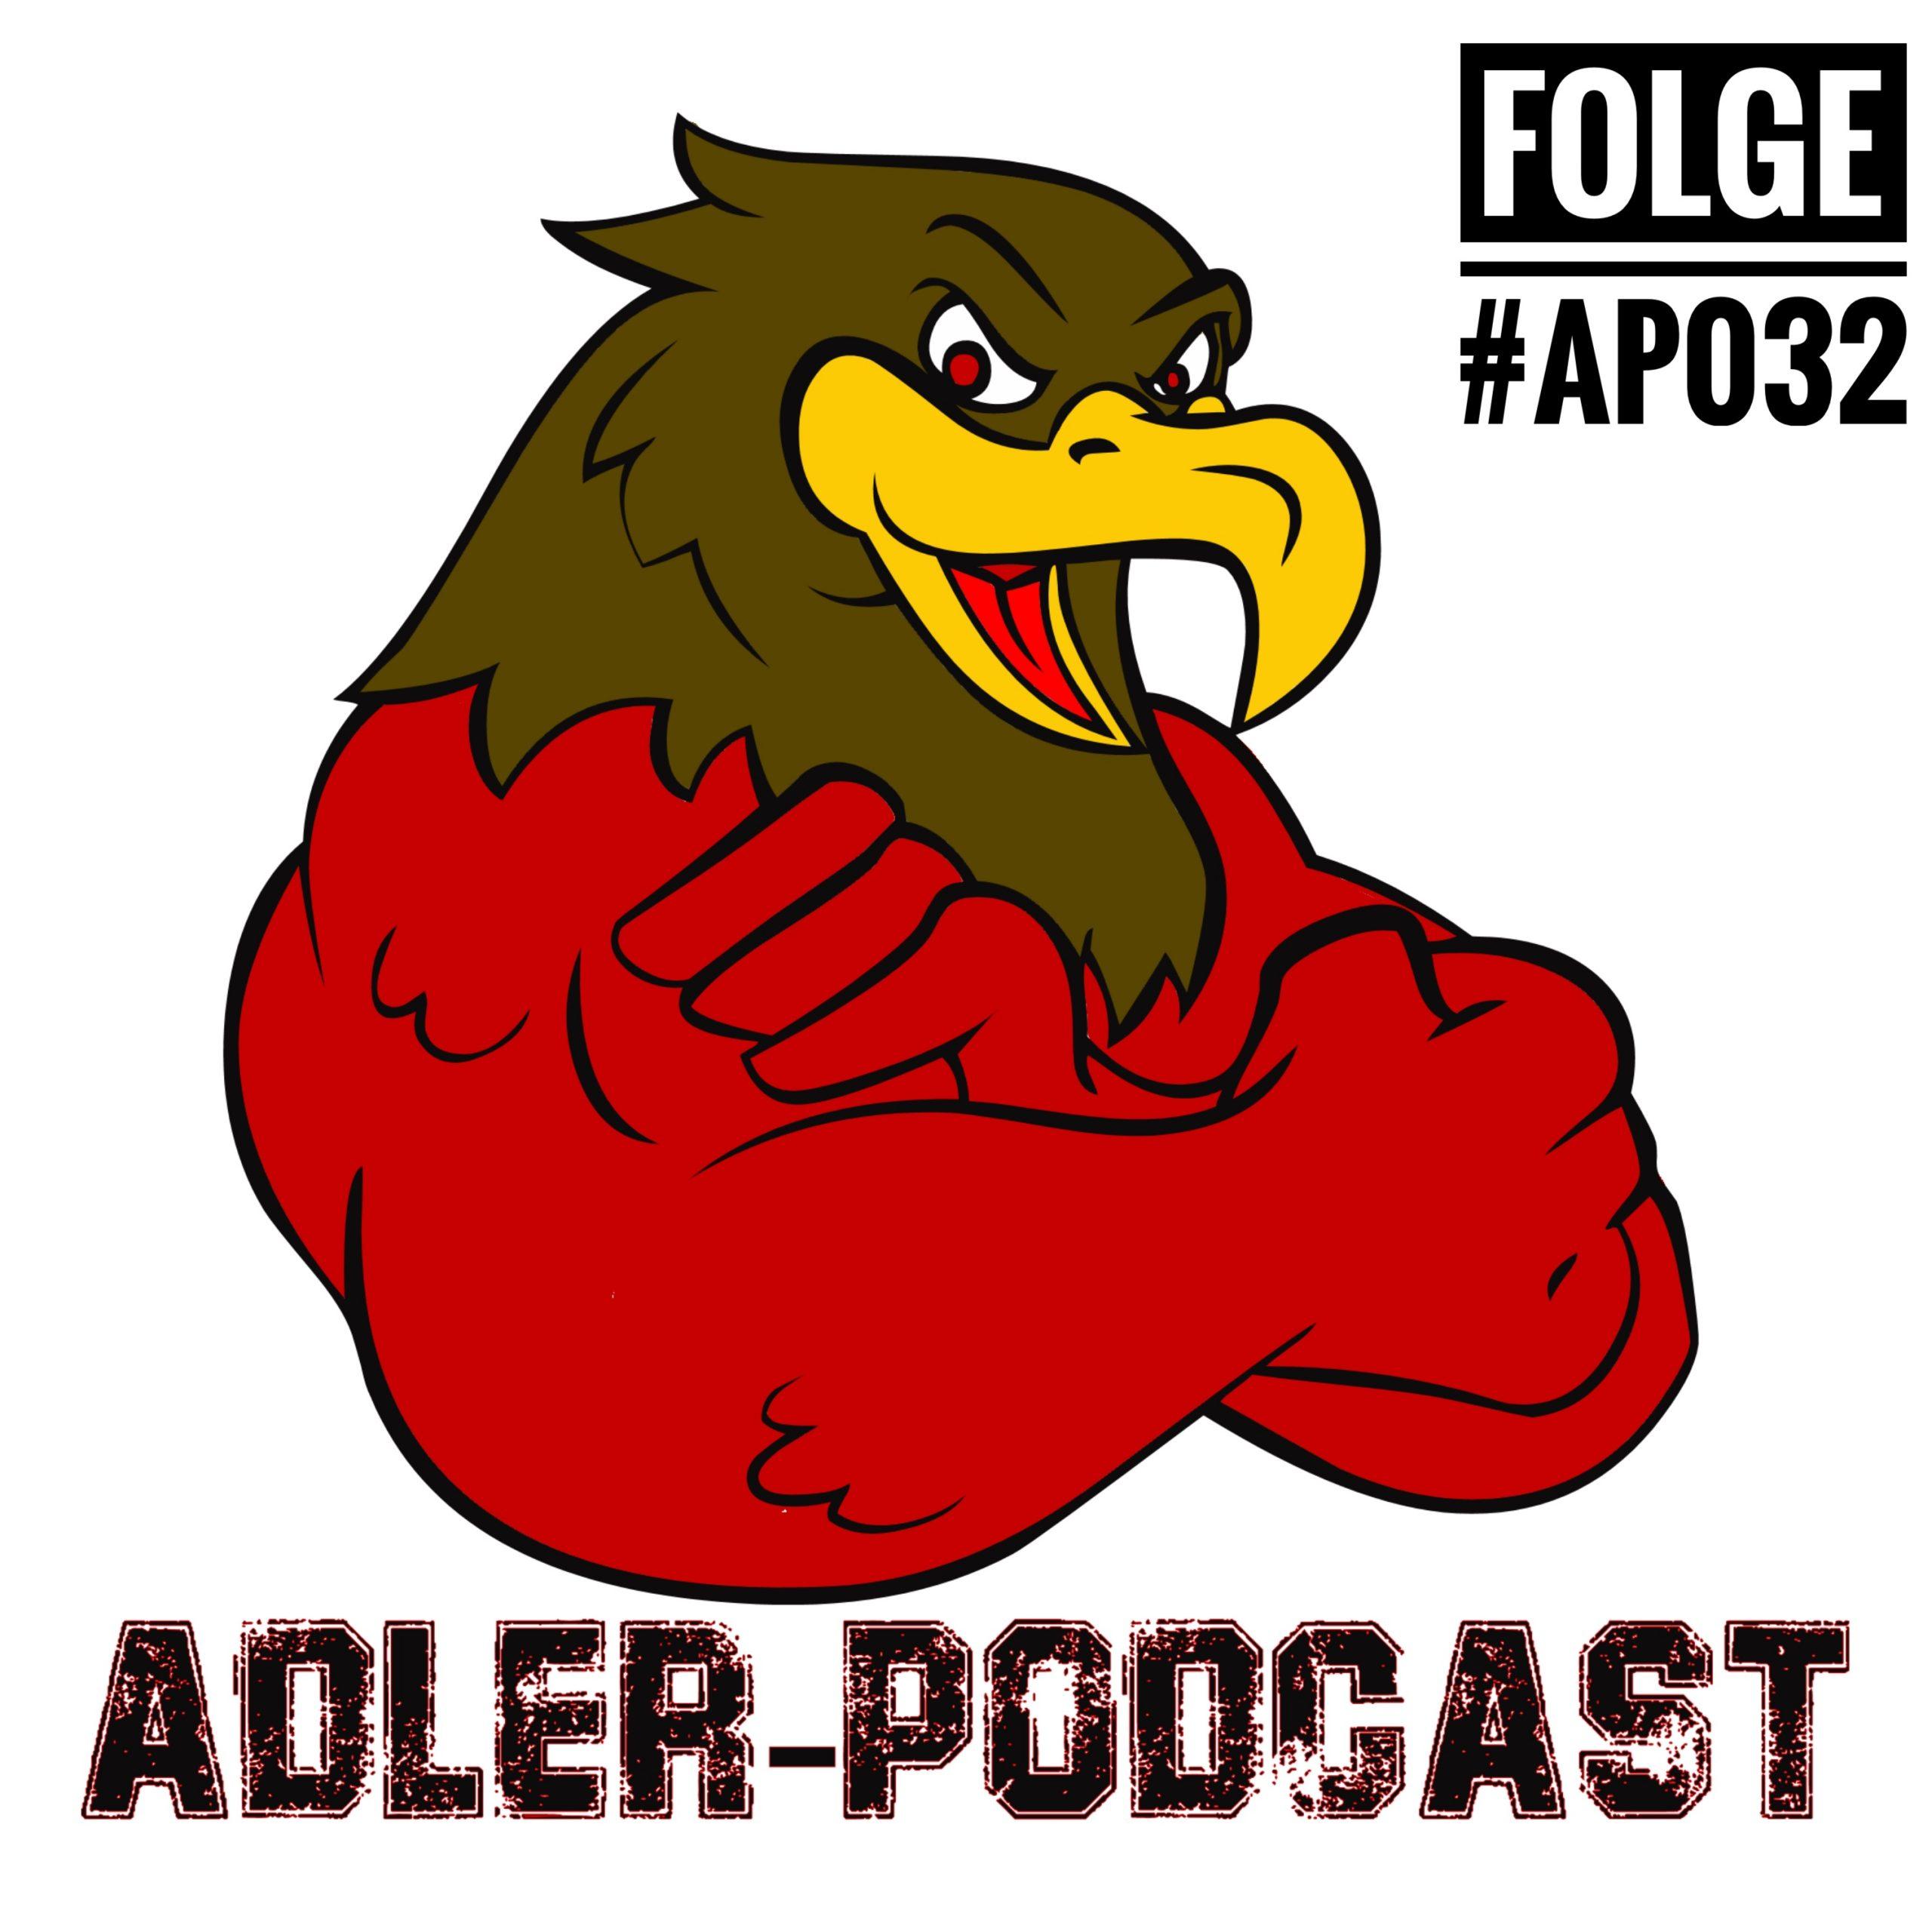 #AP032 - Zwischen Dosen und Altbier